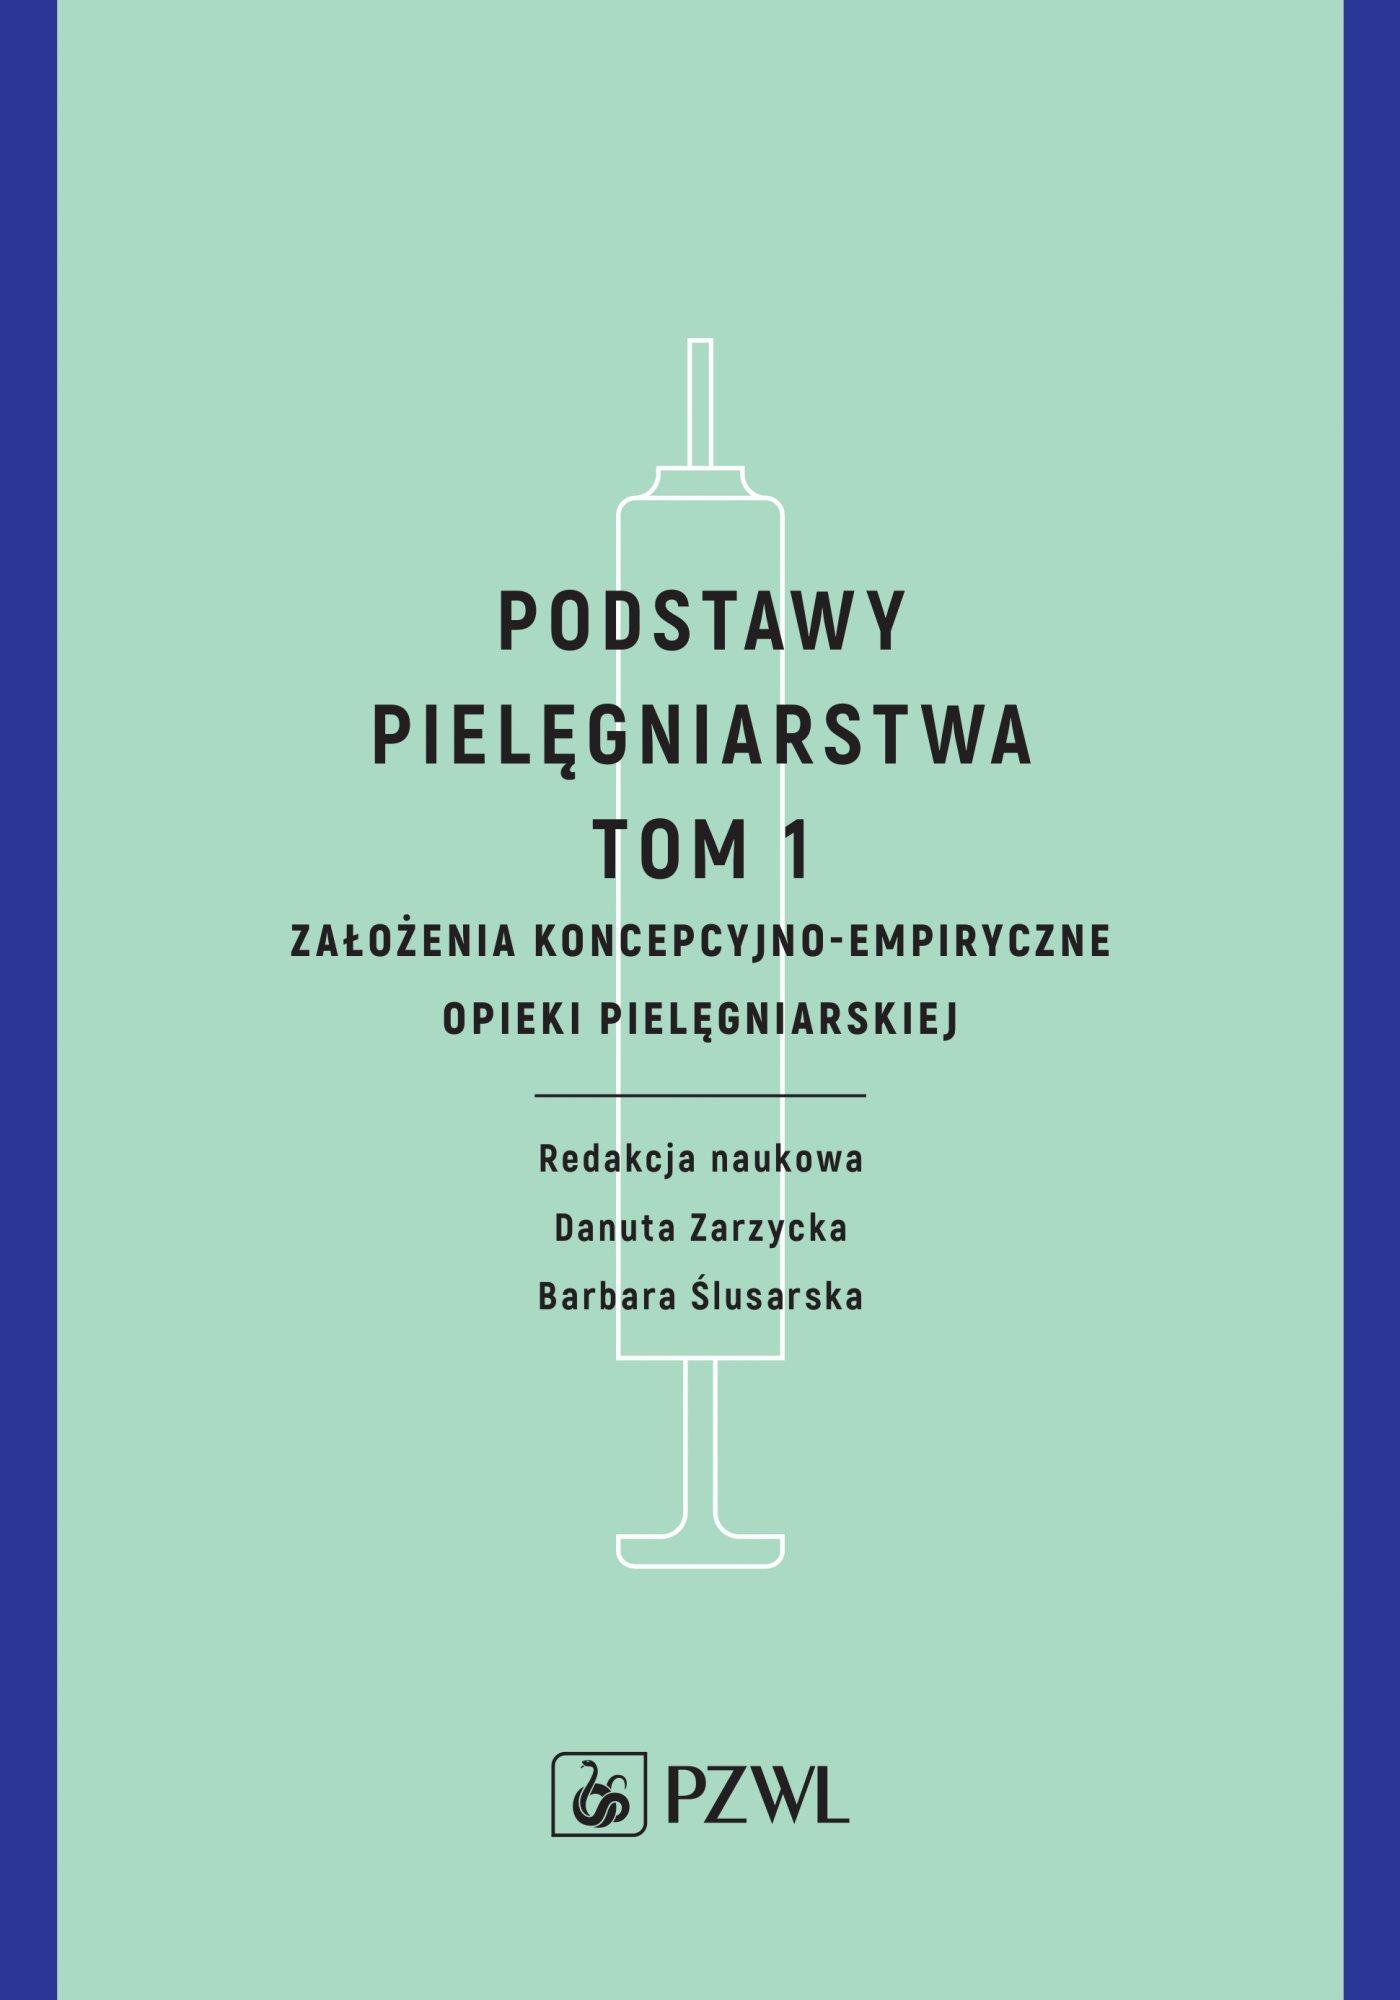 Podstawy pielęgniarstwa. Tom 1. Założenia koncepcyjno-empiryczne opieki pielęgniarskiej - Ebook (Książka na Kindle) do pobrania w formacie MOBI